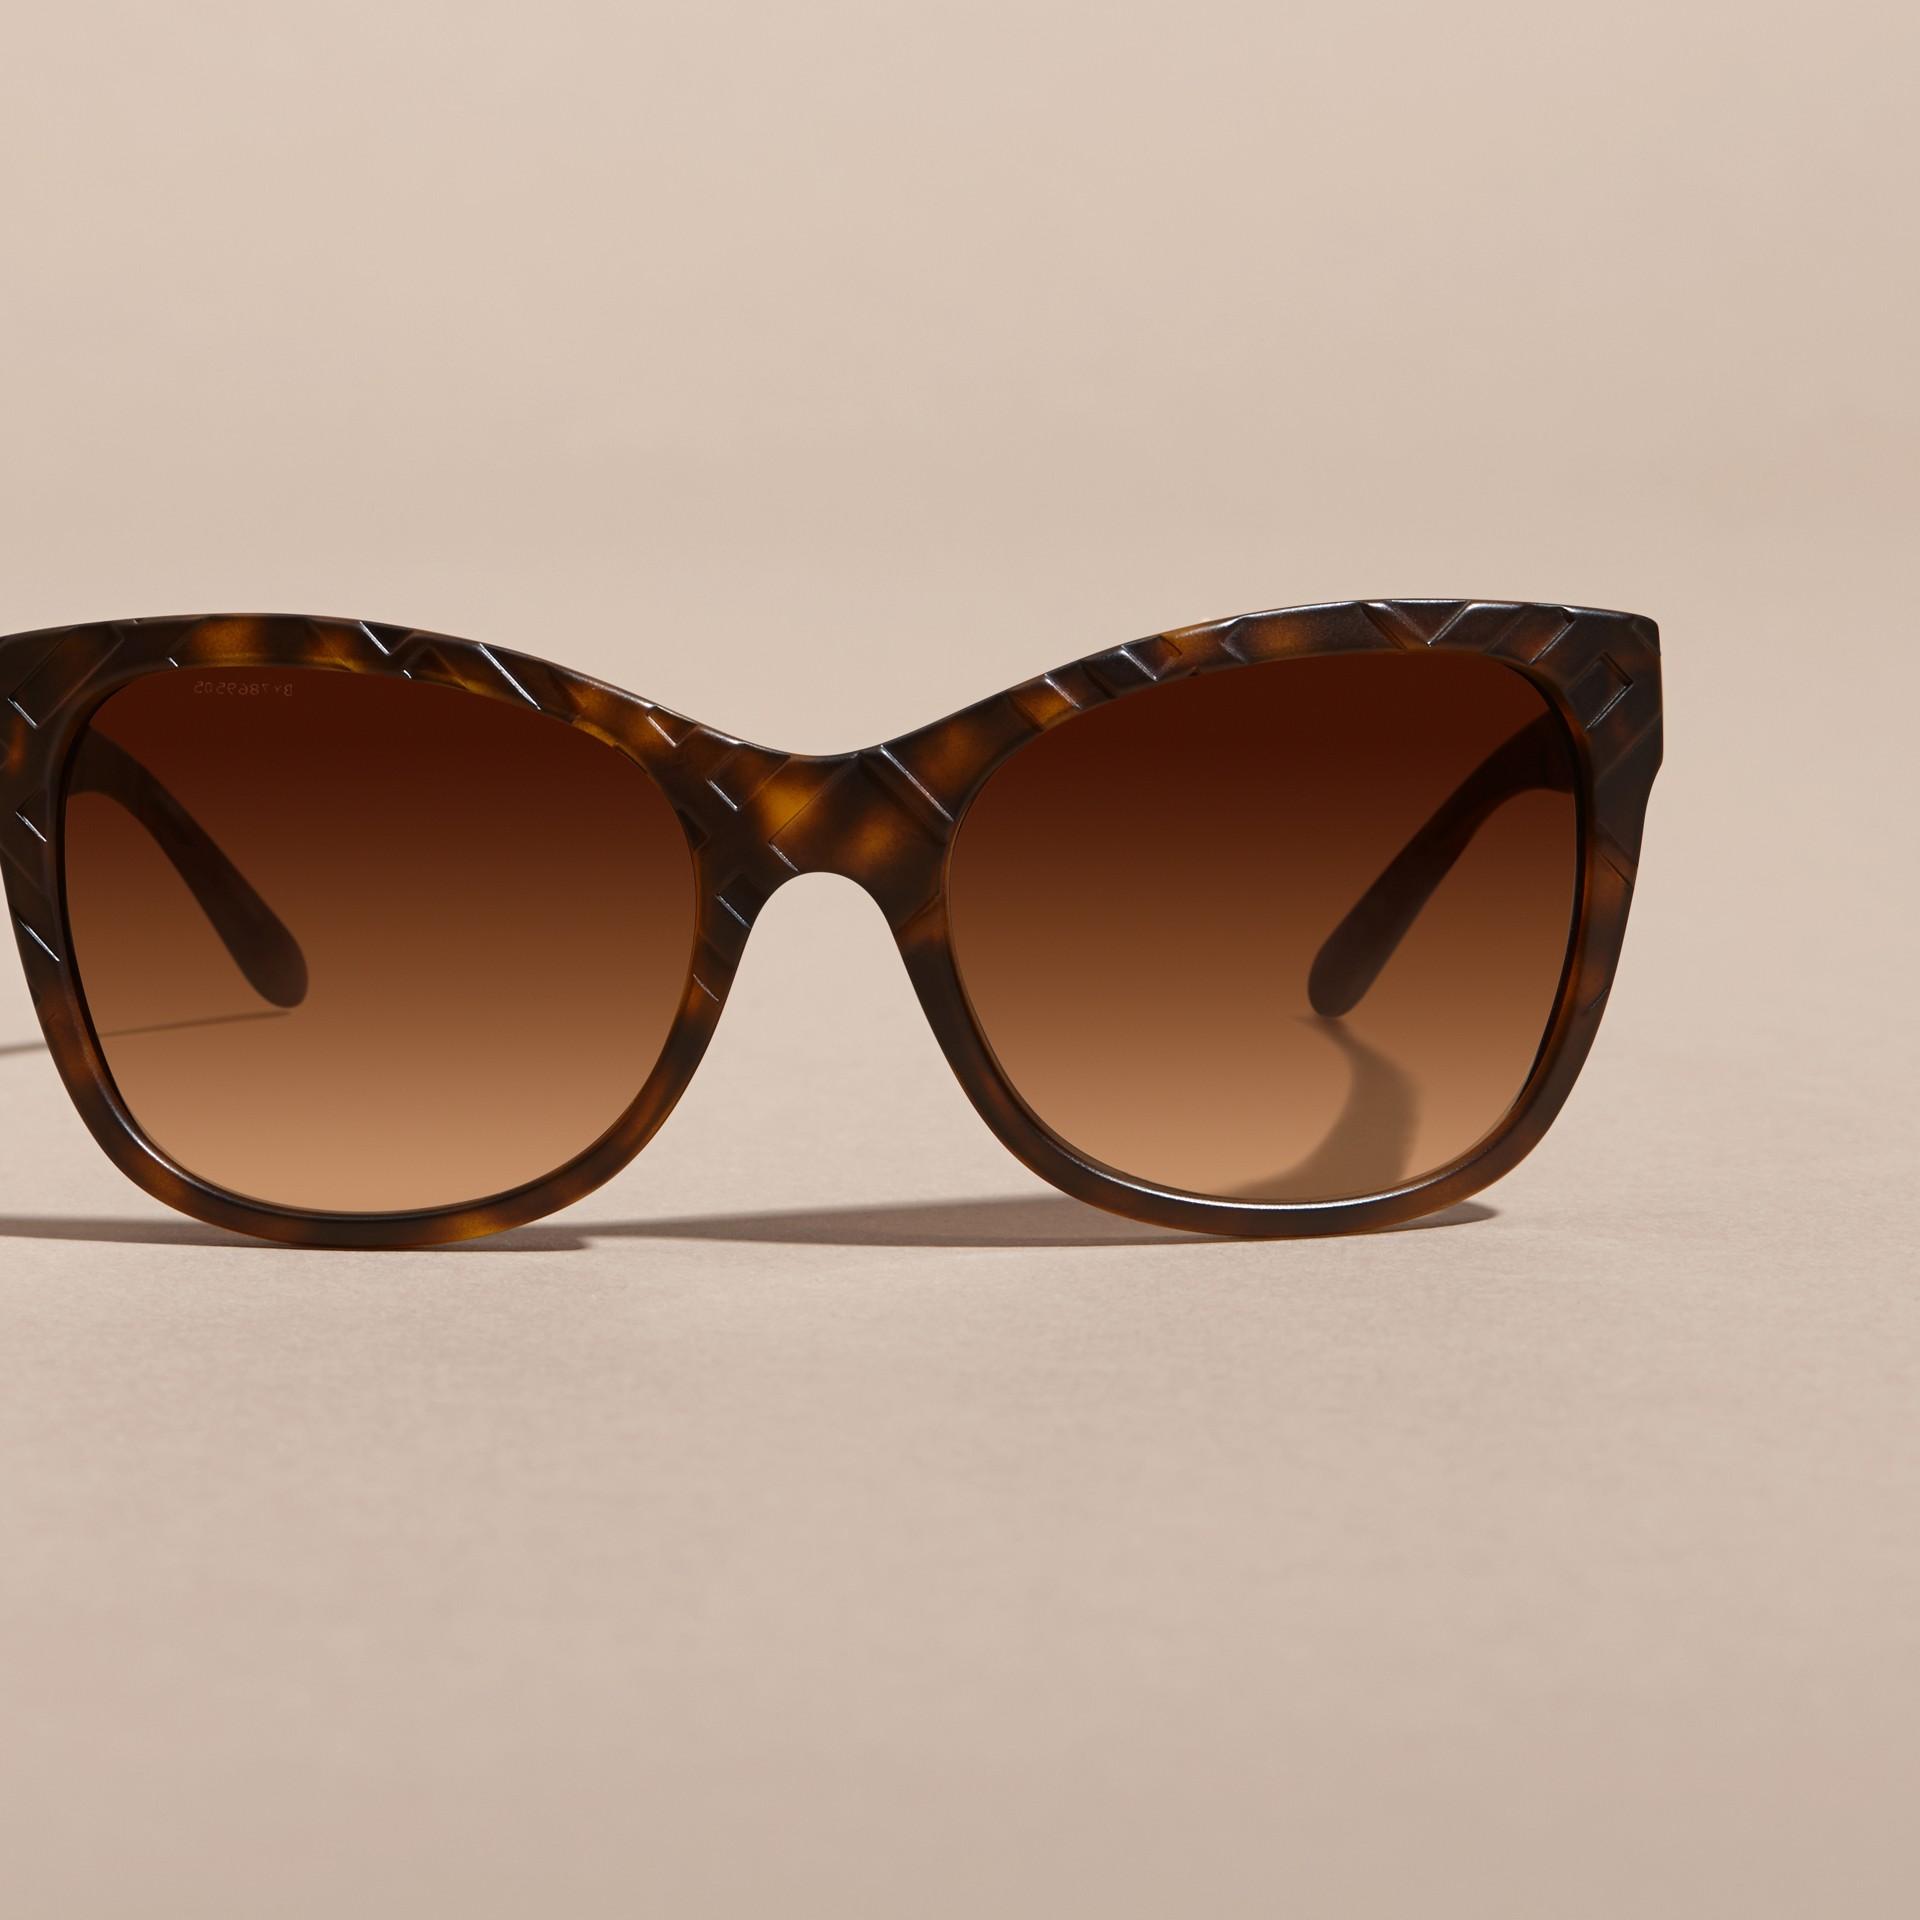 Tortoise shell 3D Check Square Frame Sunglasses Tortoise Shell - gallery image 3